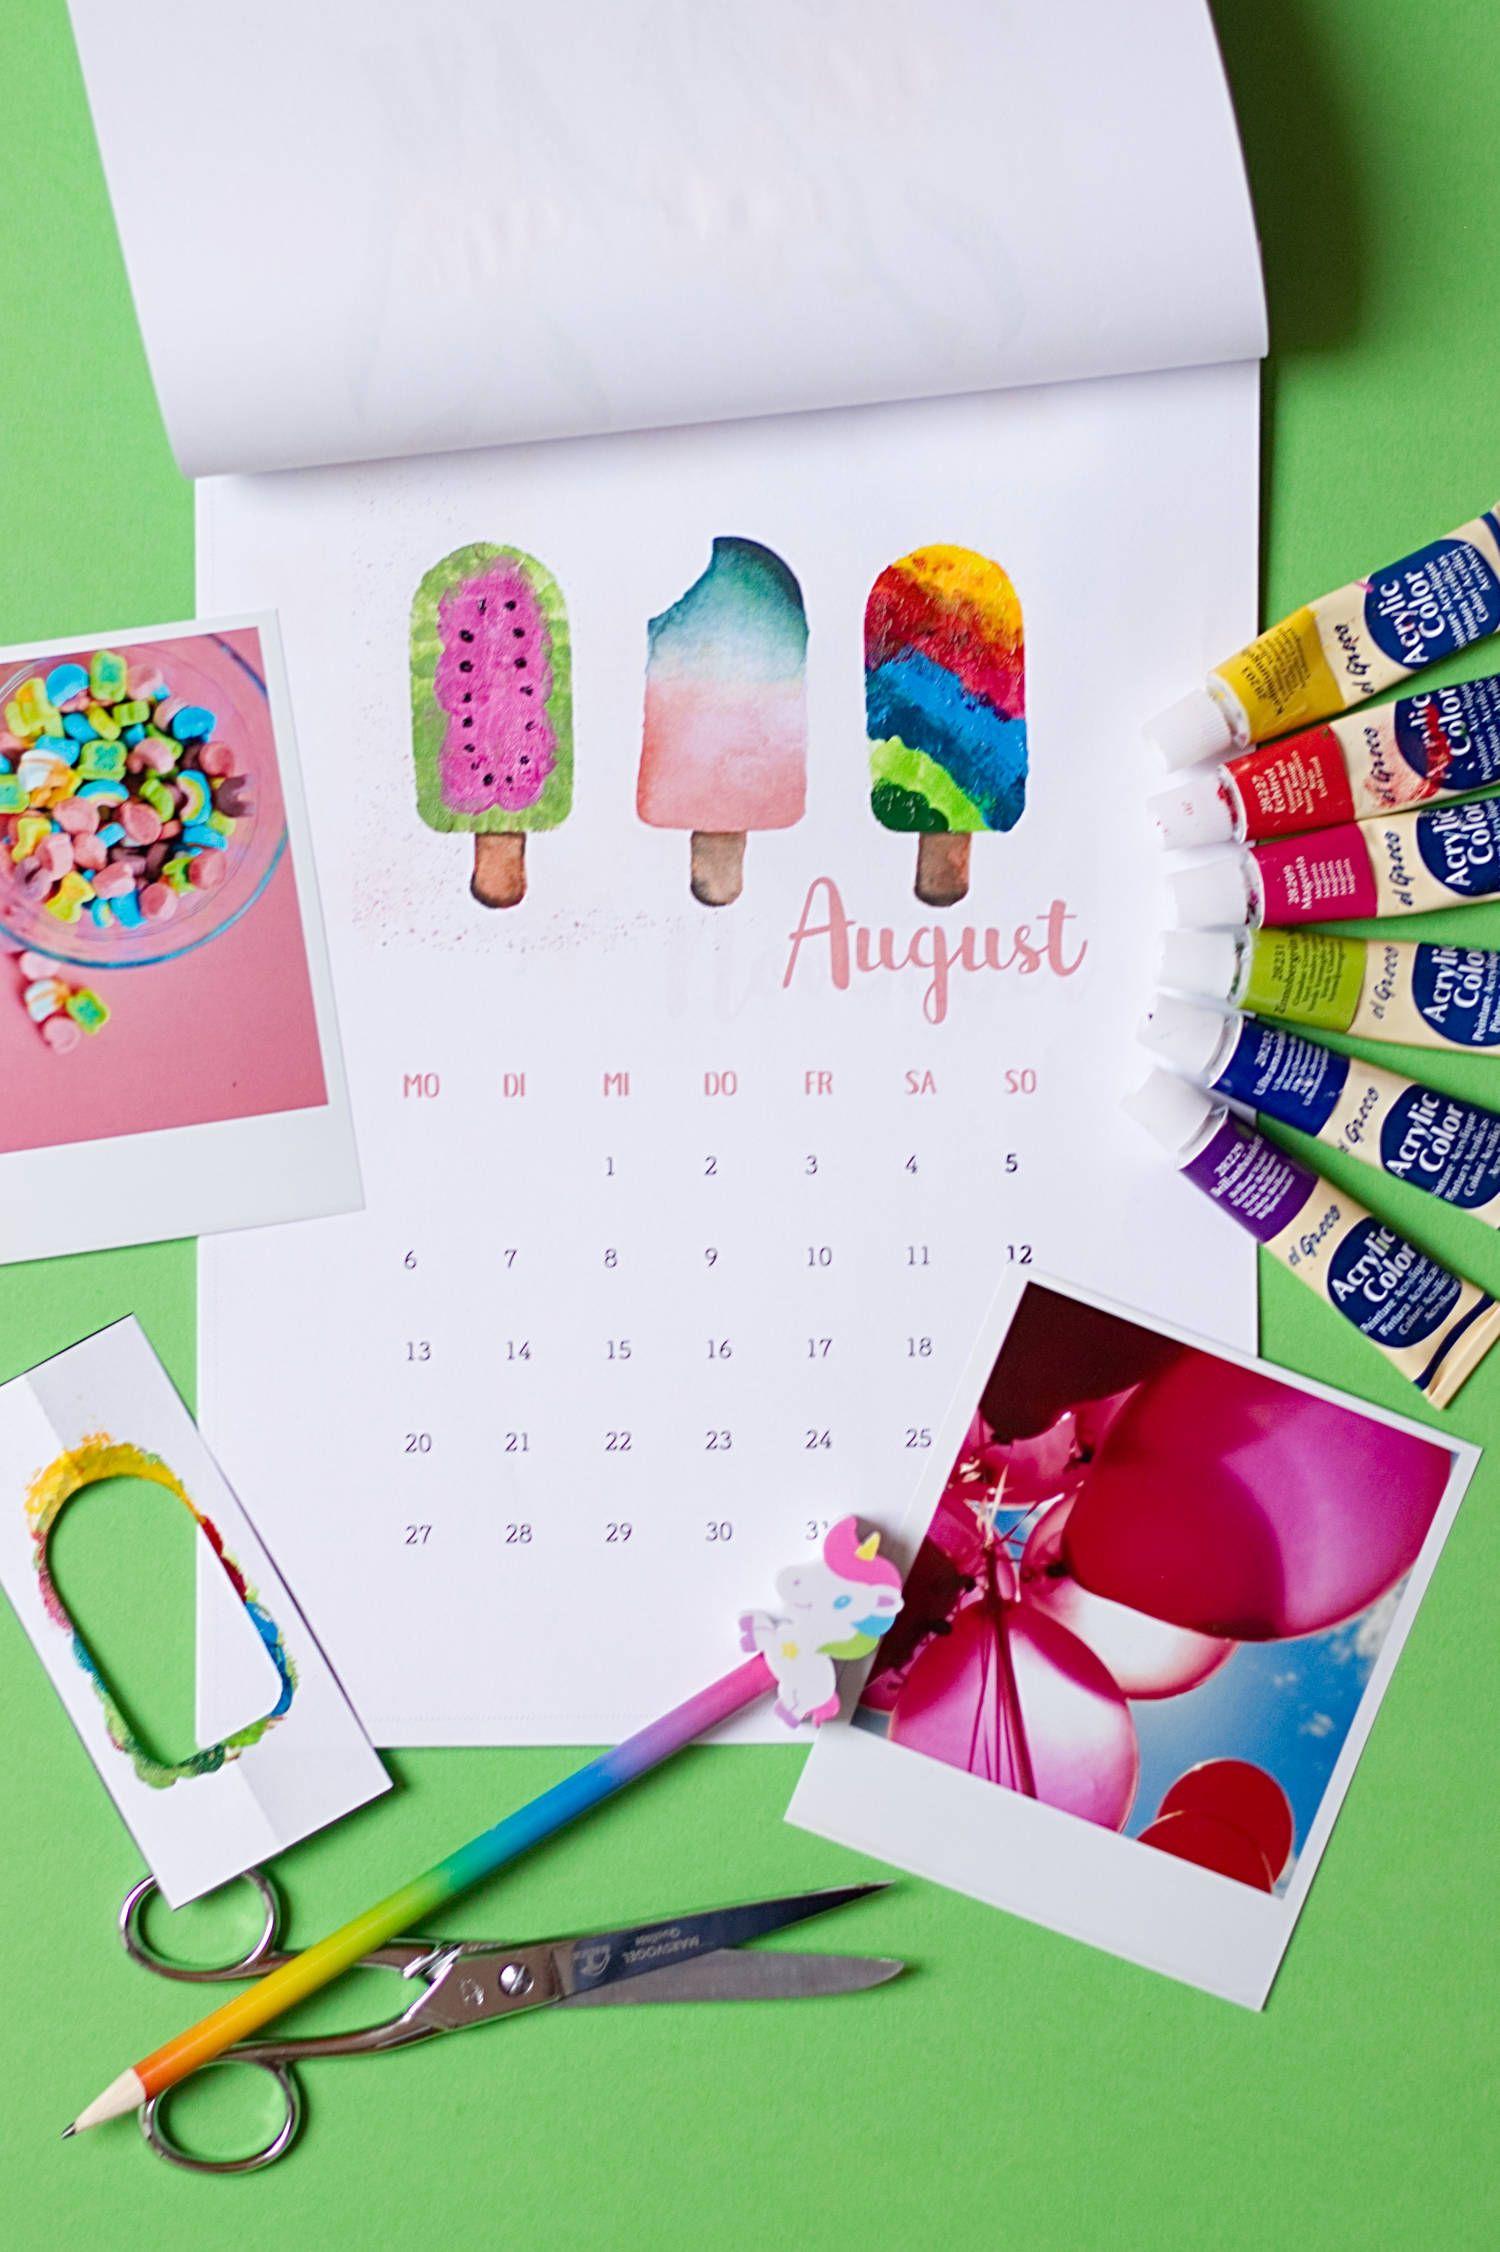 Diy Kalender 2018 Zum Fingerstempeln - Freebie   Kalender für Kalender Basteln Mit Kindern